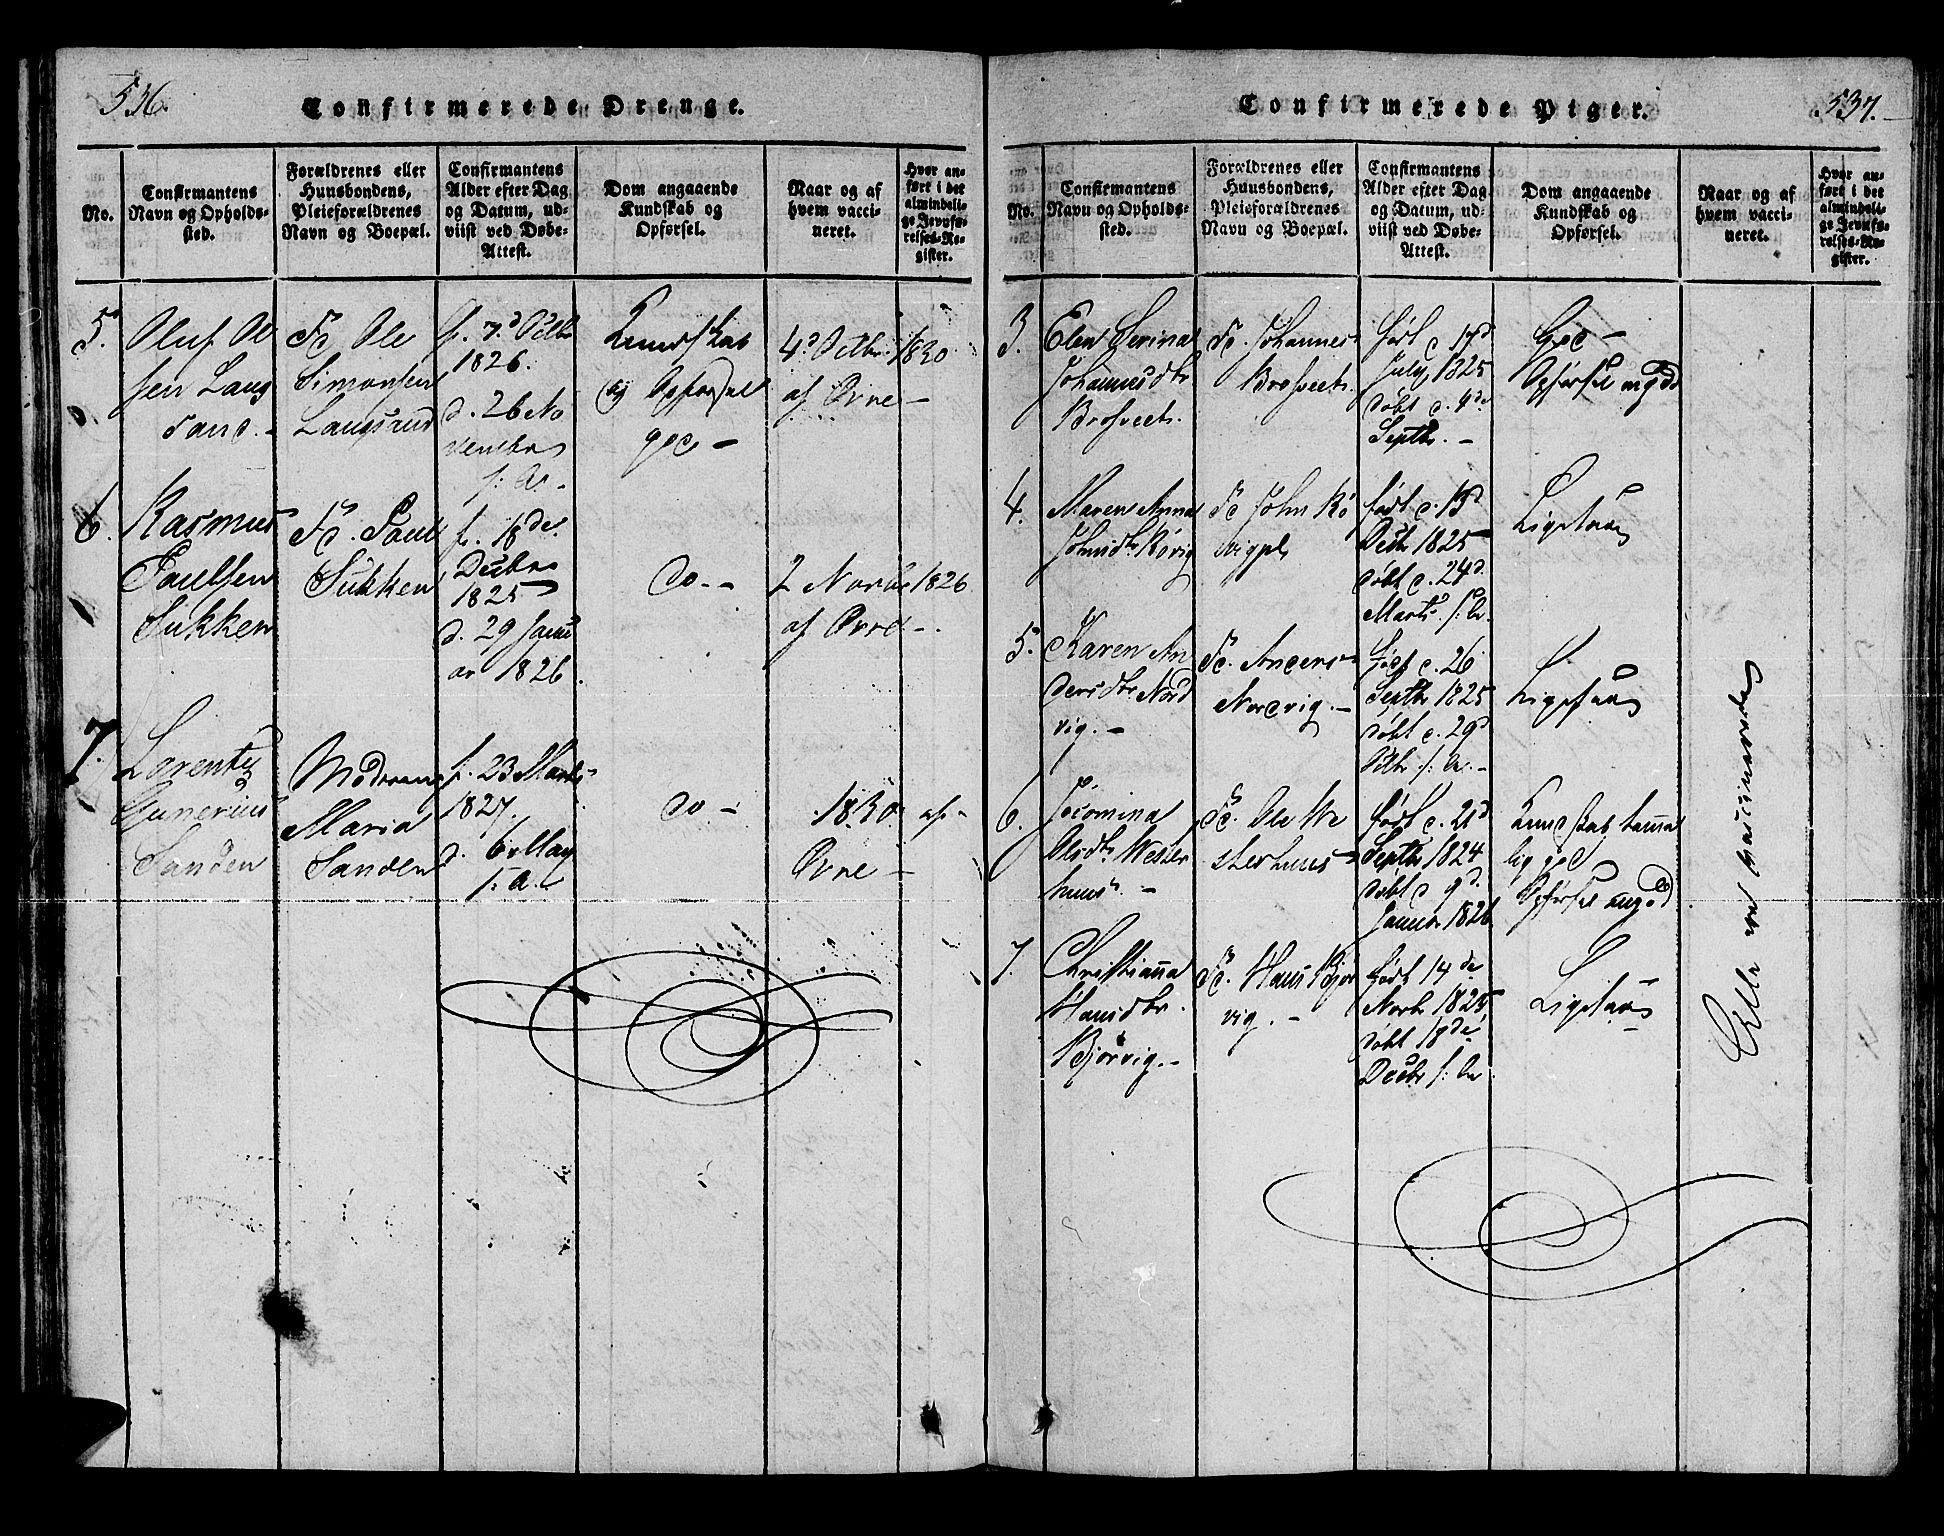 SAT, Ministerialprotokoller, klokkerbøker og fødselsregistre - Nord-Trøndelag, 722/L0217: Ministerialbok nr. 722A04, 1817-1842, s. 536-537